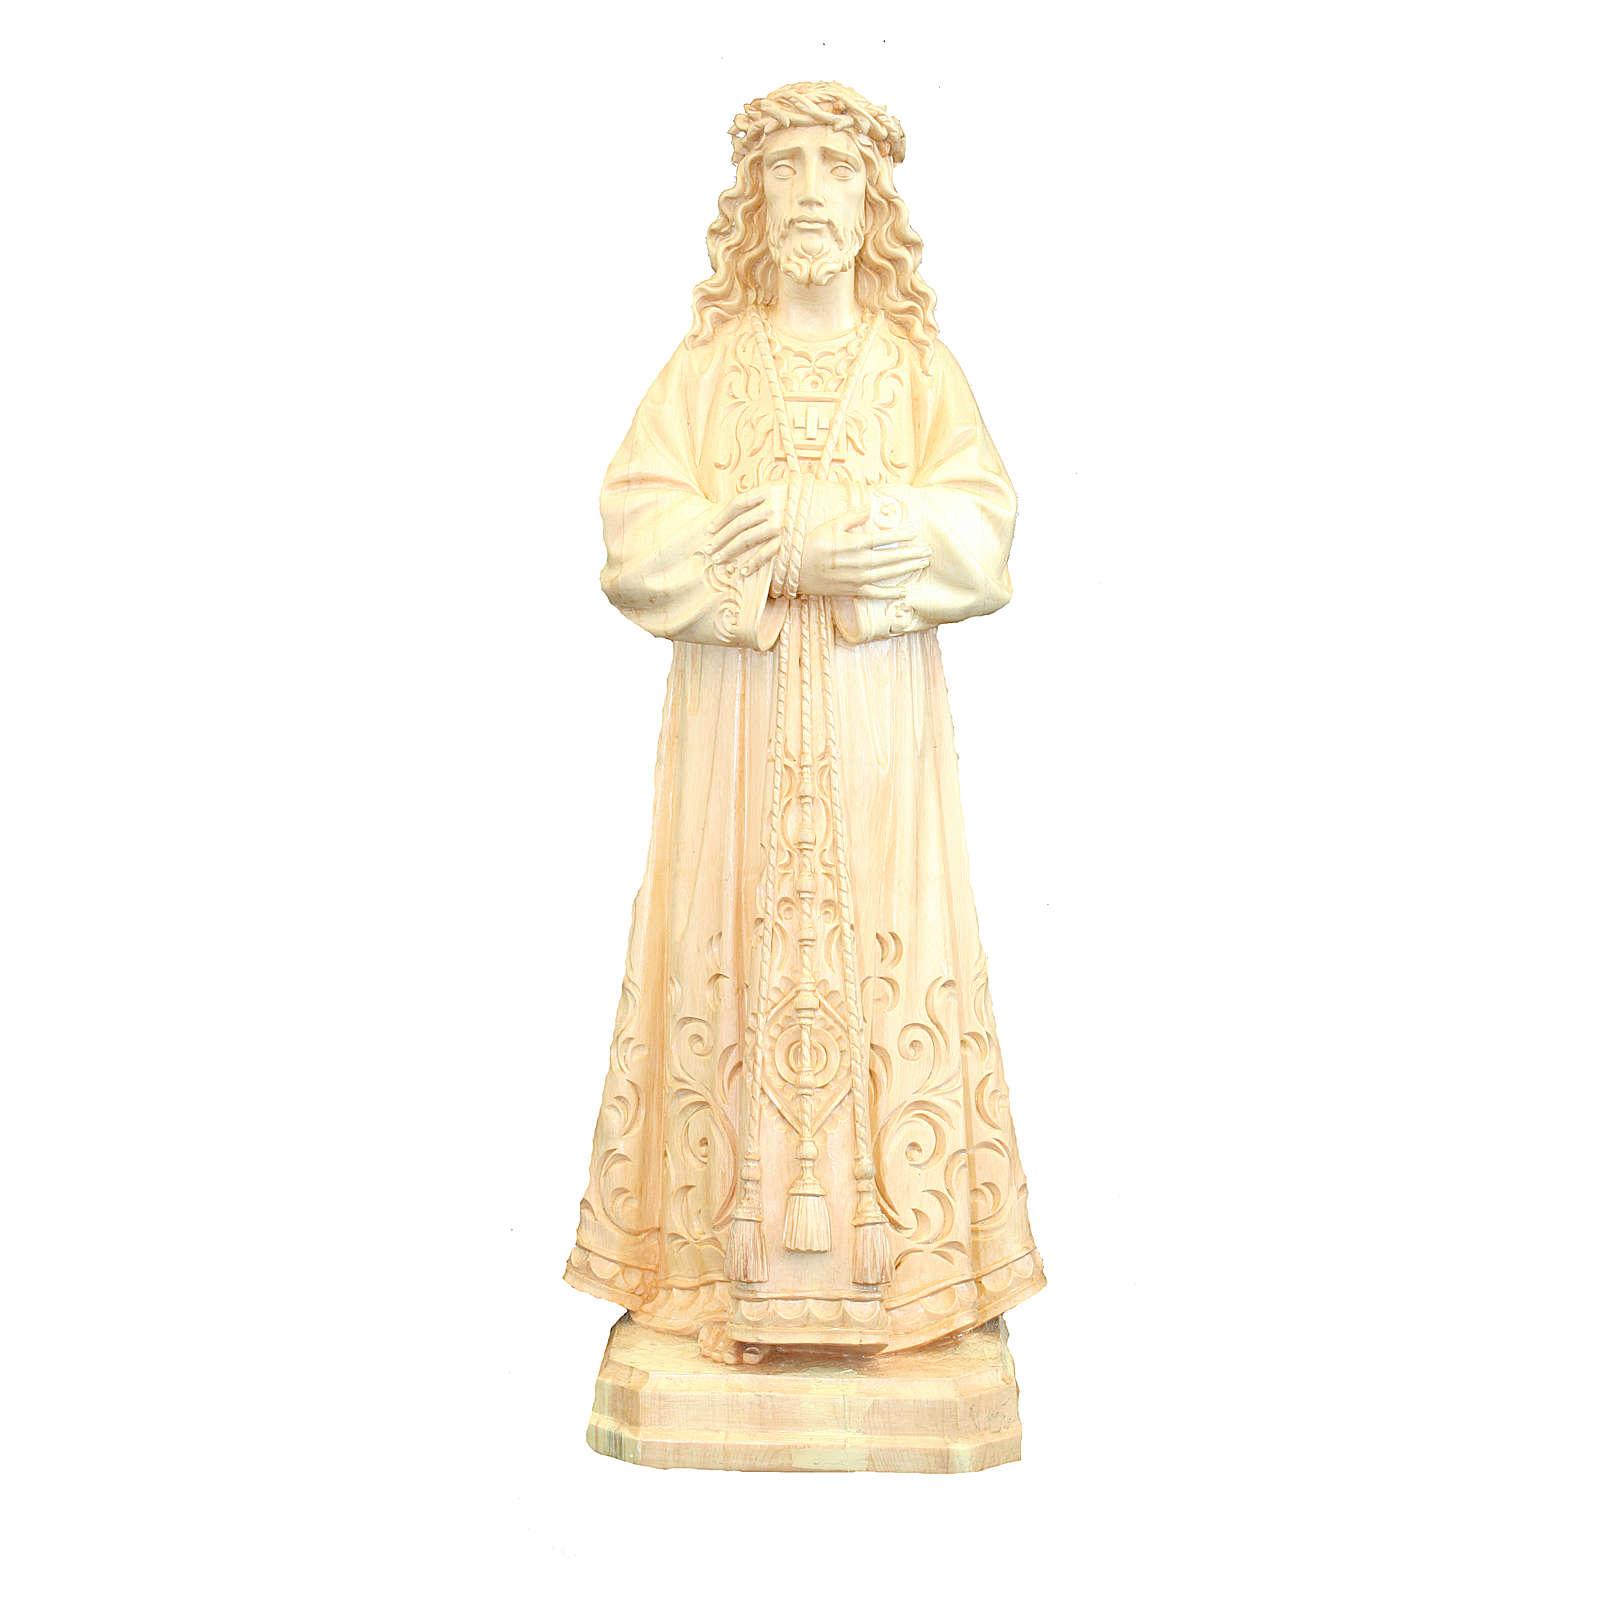 Statua di Gesù legno naturale della Val Gardena con decorazioni 4